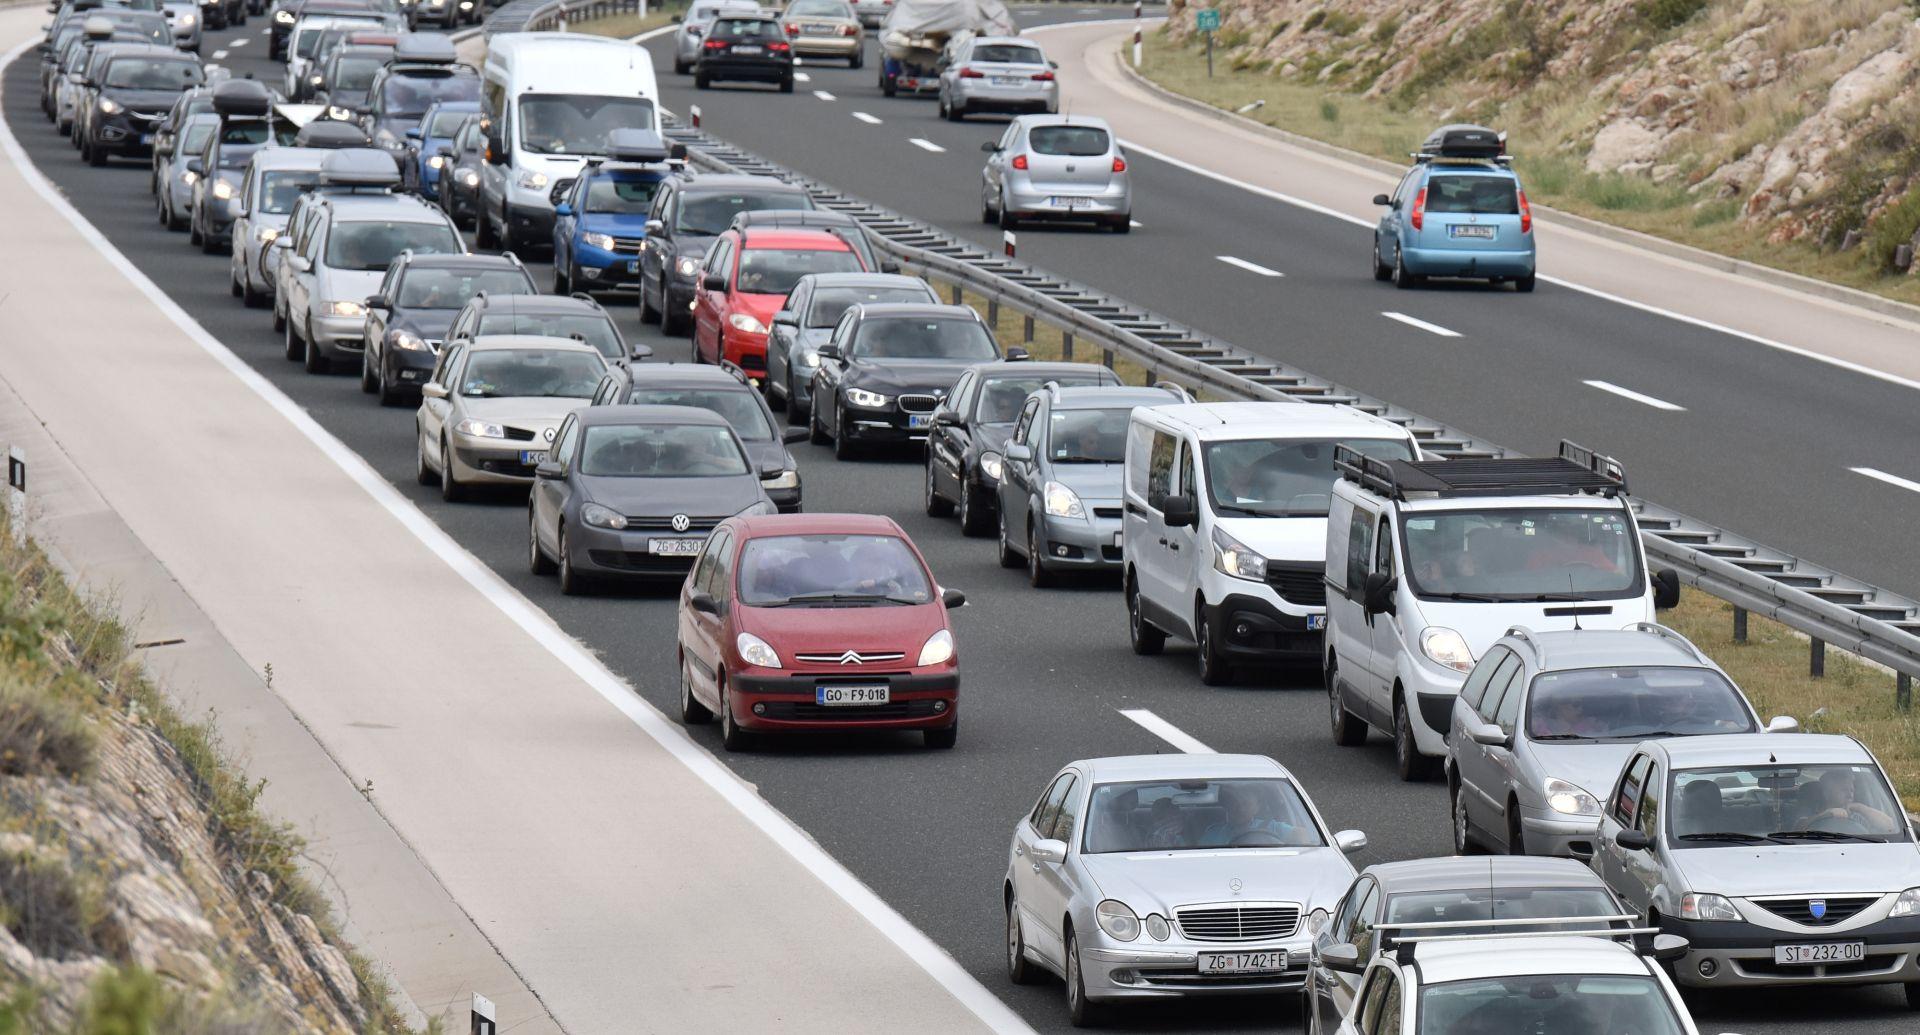 HAK Kolona prema Splitu smanjila se na 11 kilometara, olujna bura otežava promet